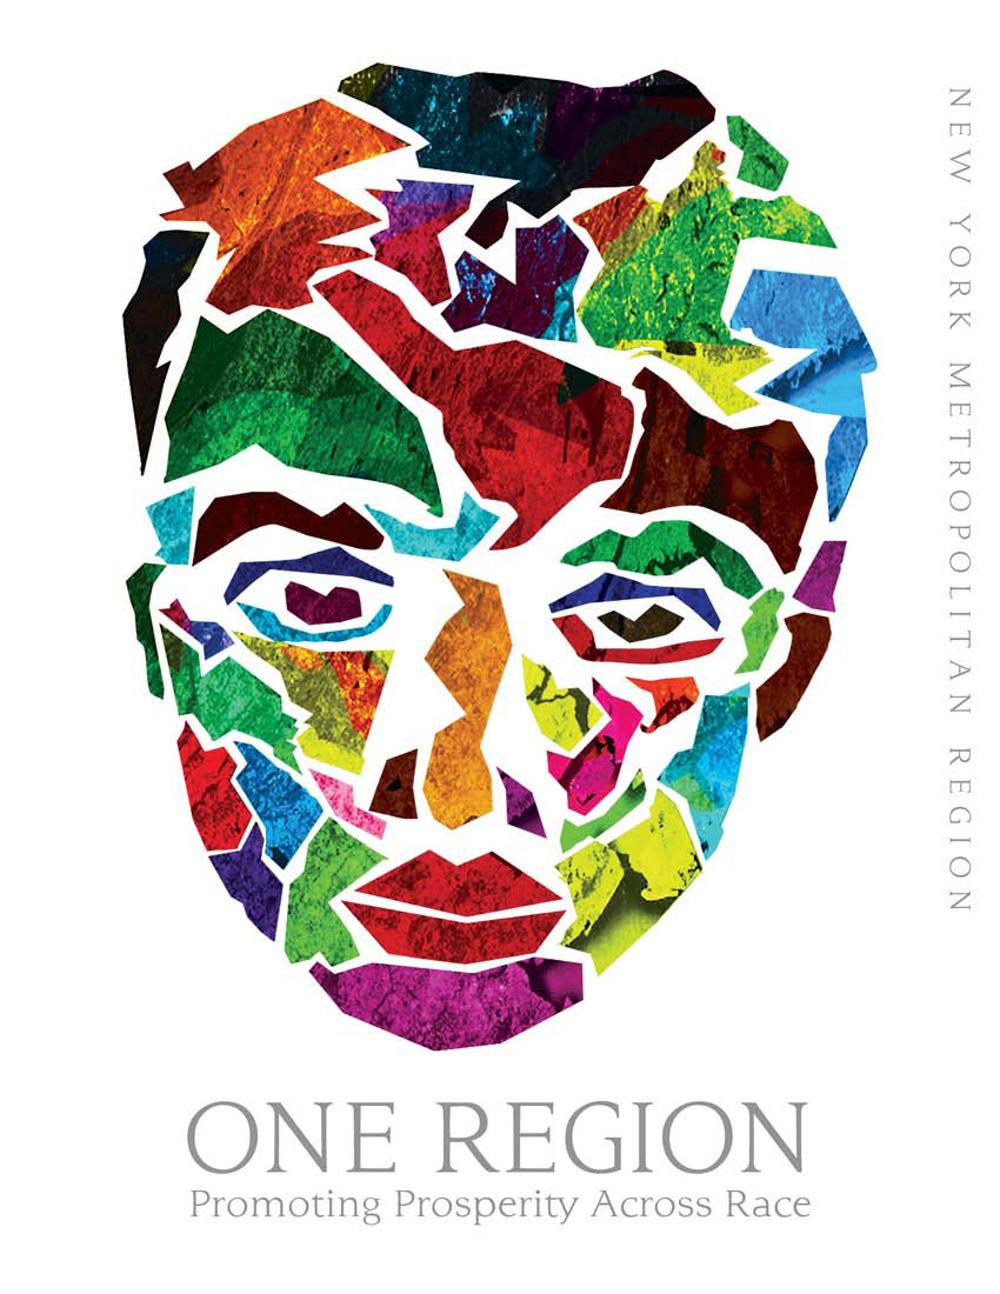 One Region: Promoting Prosperity Across Race, Tronvig Group